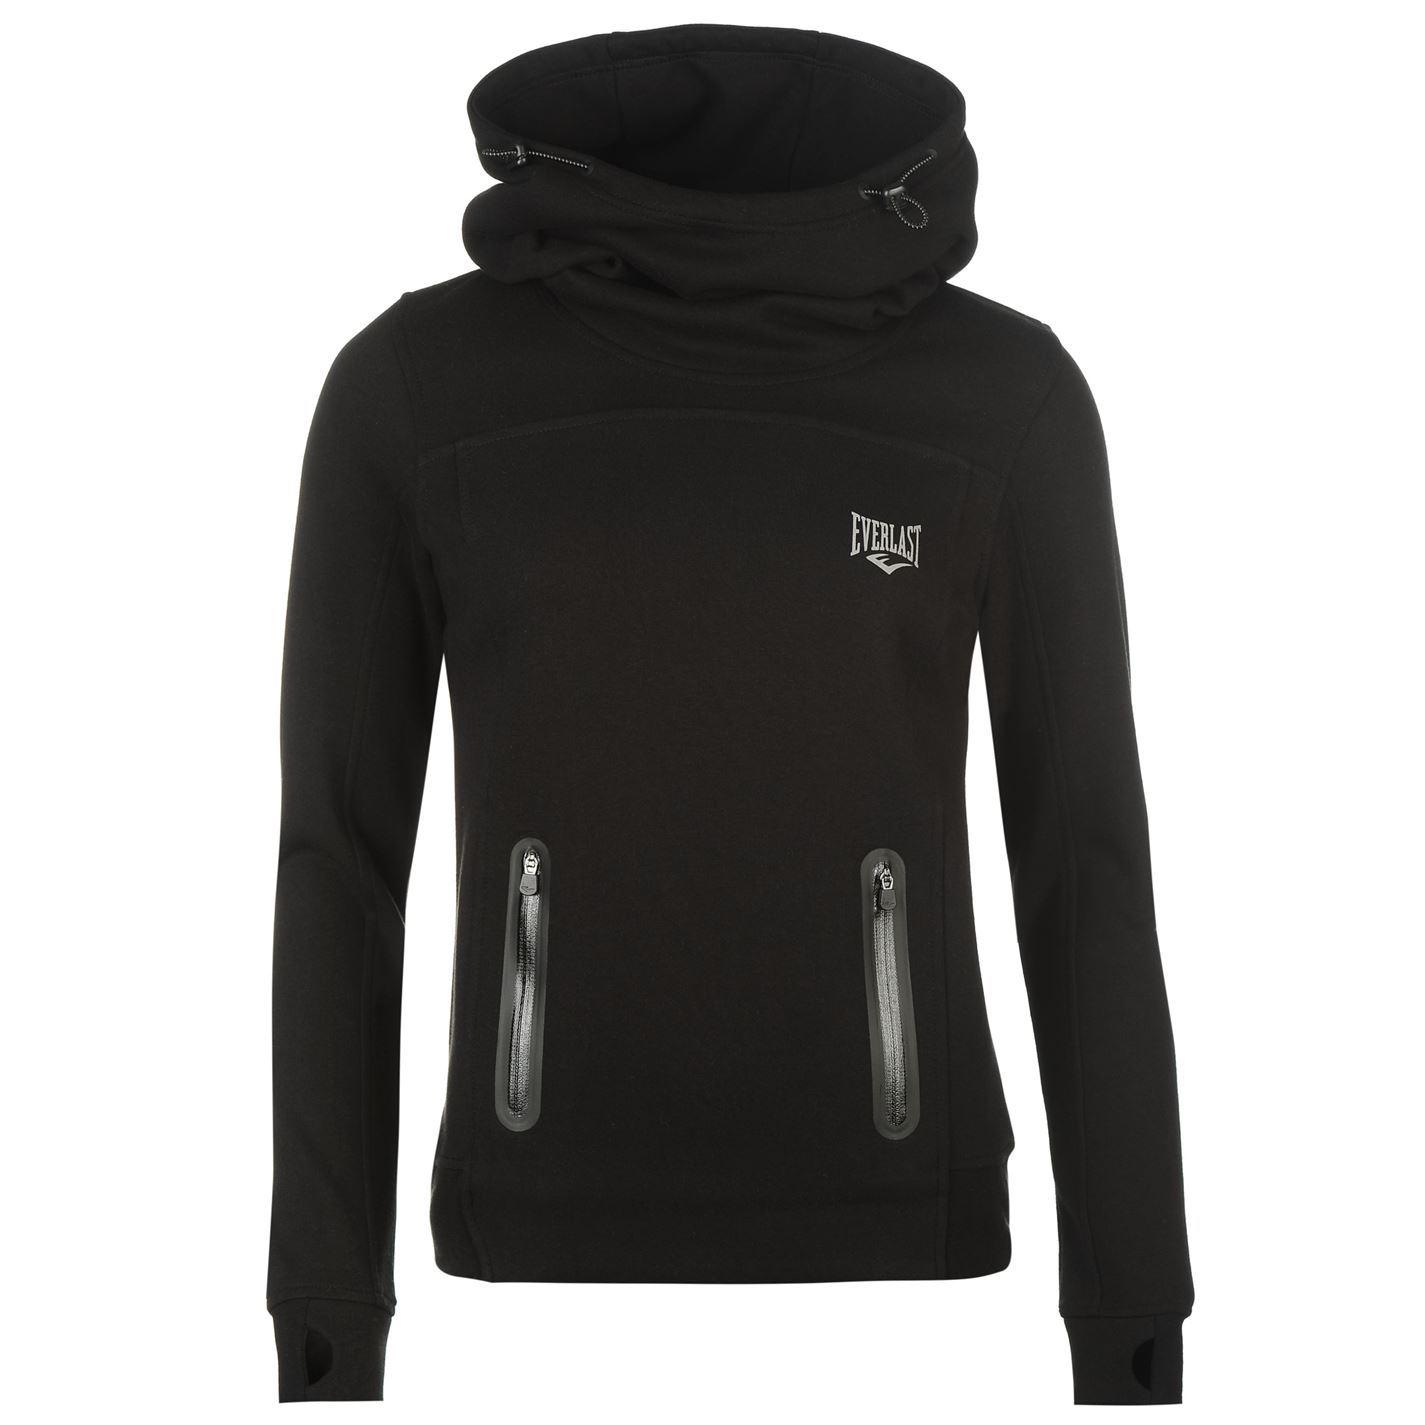 Womens black pullover hoodie